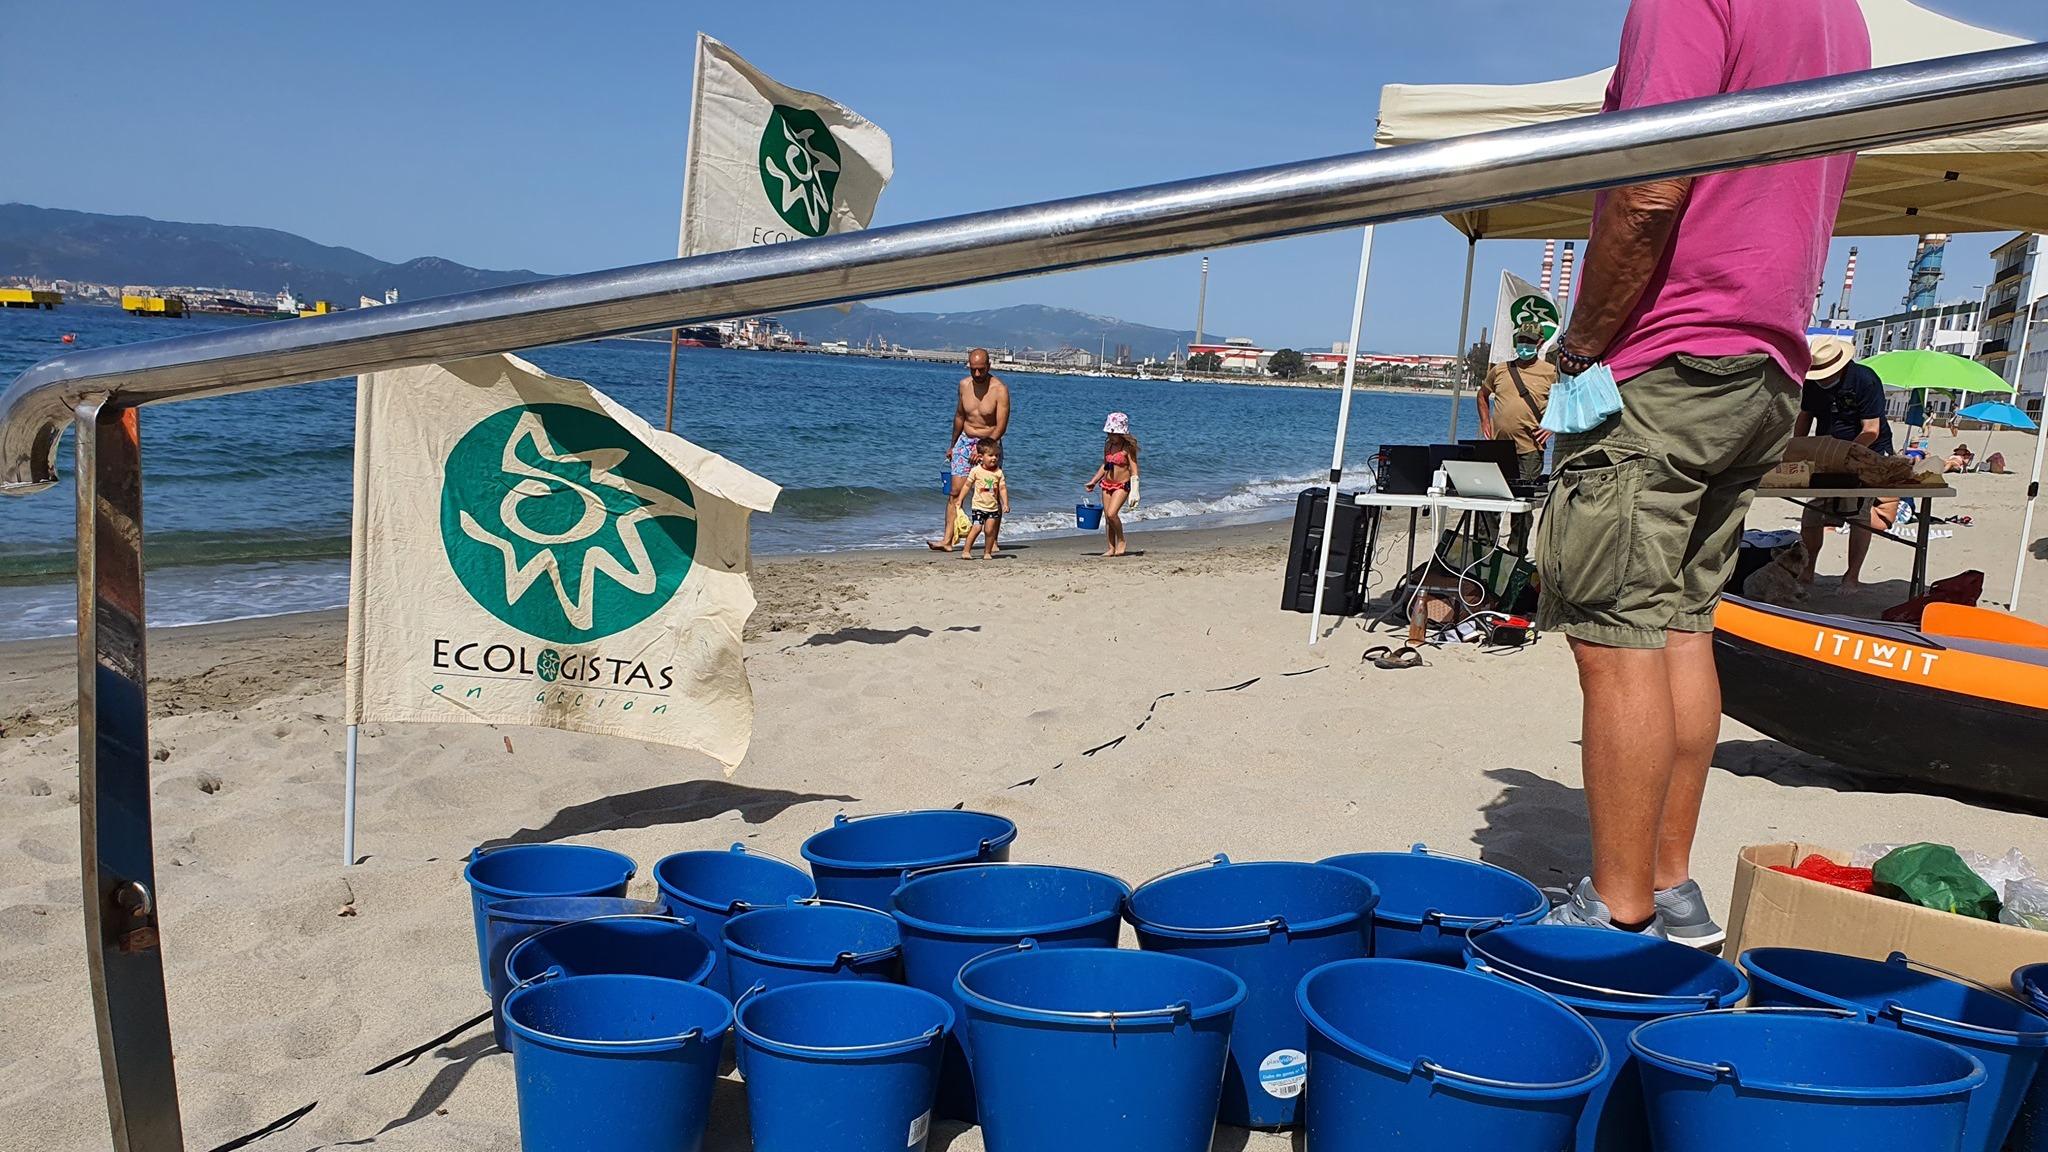 Ecologistas y submarinistas recuperan en Puente Mayorga 163 kilos de residuos